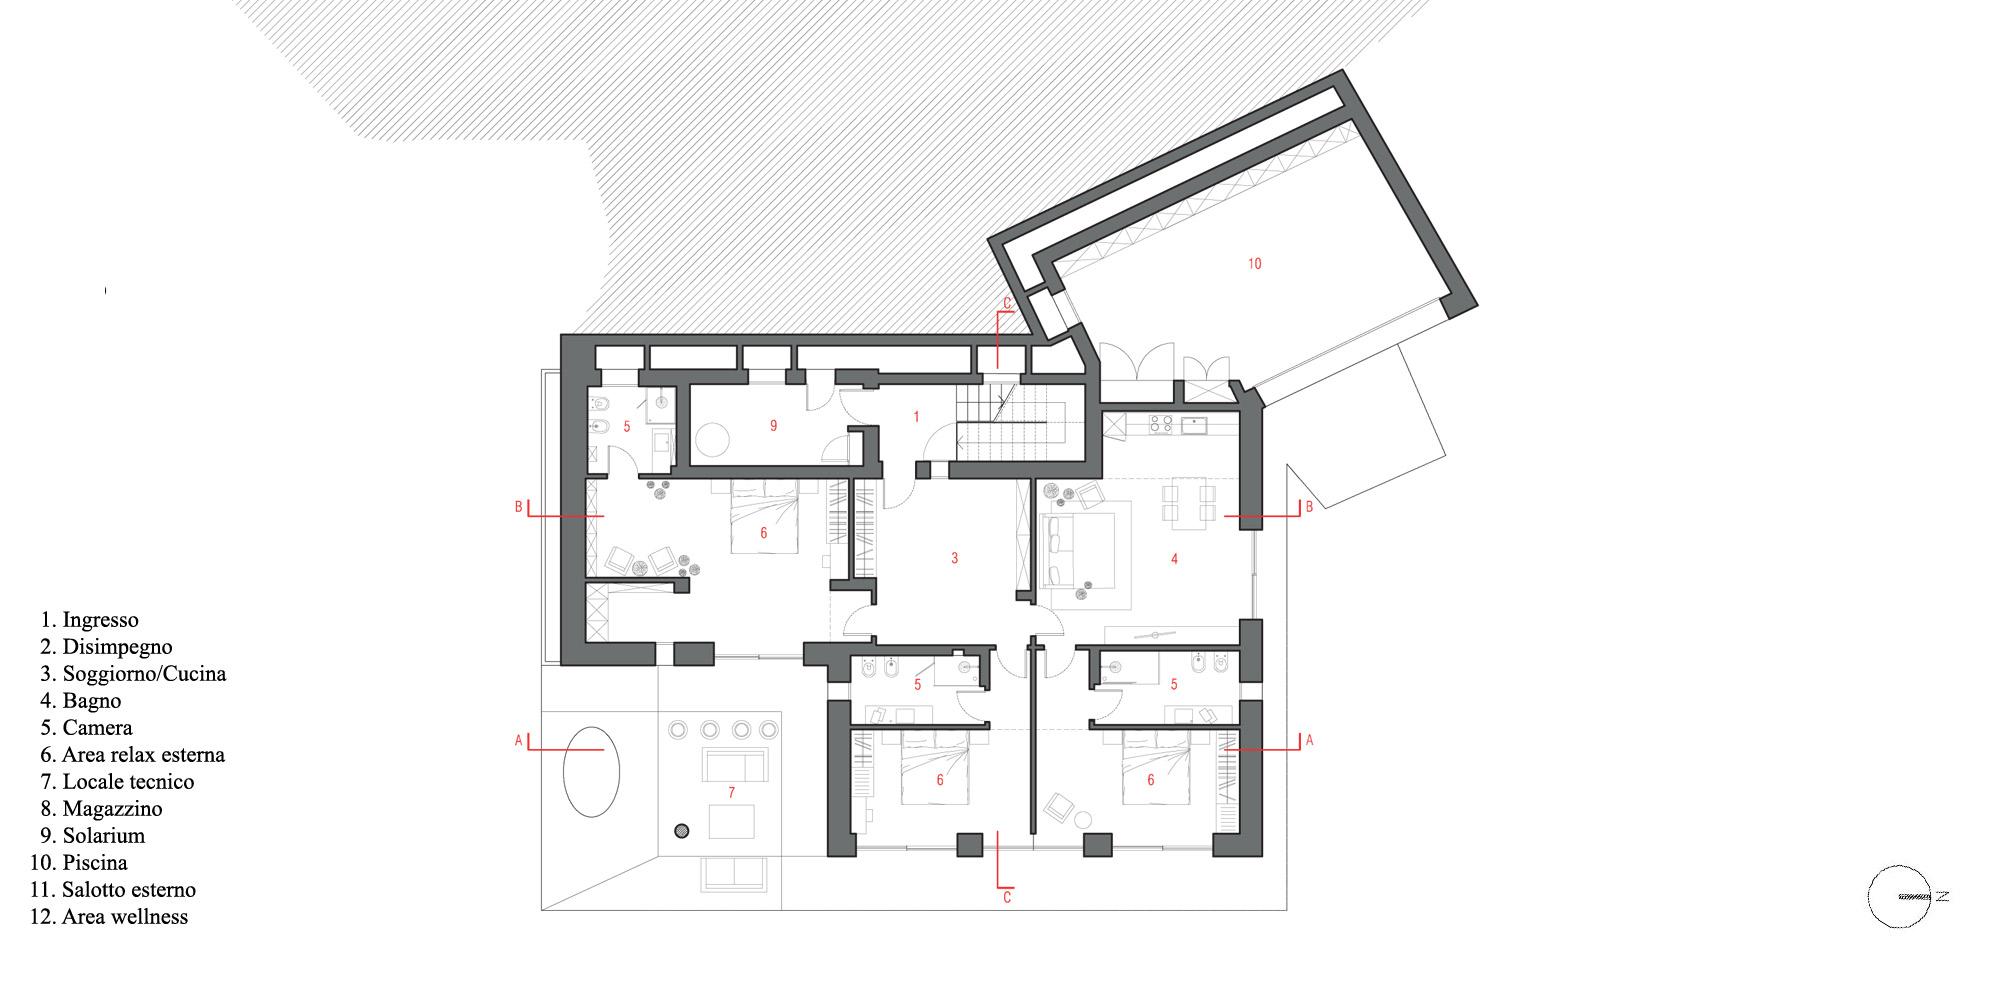 Basement floor plan © A+I